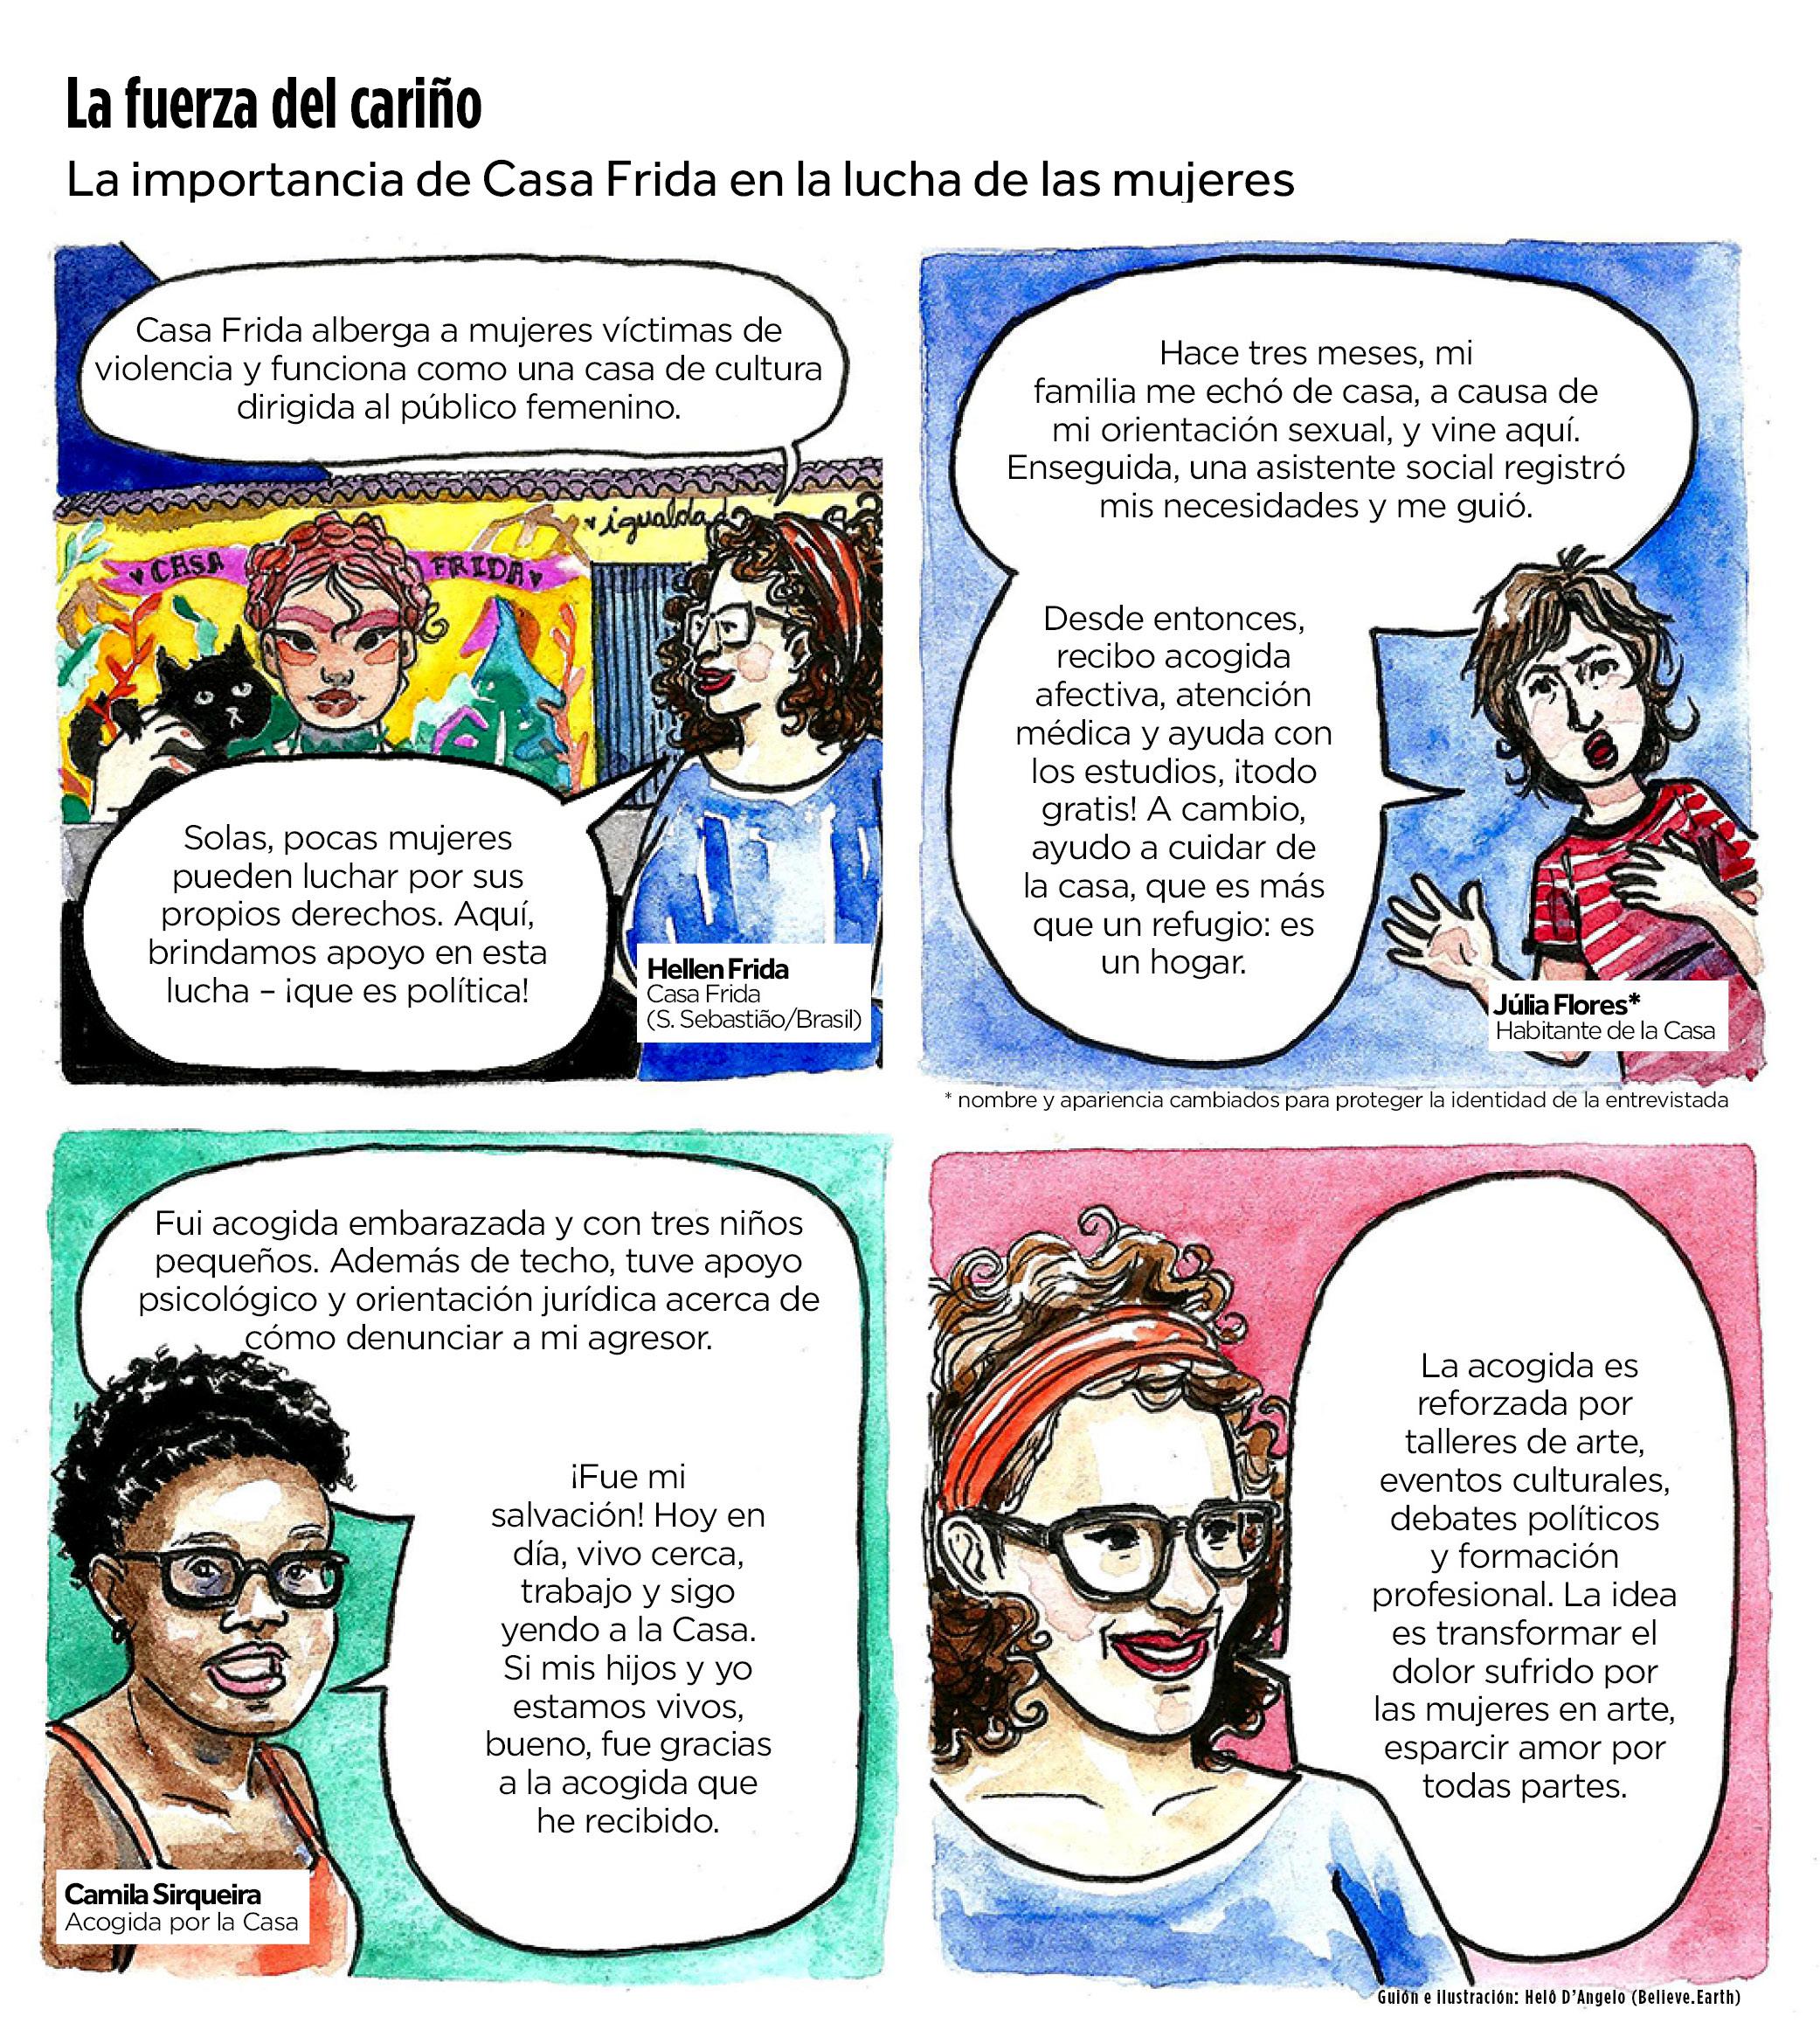 Título: La fuerza del cariño Linha fina: La importancia de Casa Frida en la lucha de las mujeres Comic 1: [Créditos] Hellen Frida, Casa Frida (São Sebastião/Brasil) [Hellen] Casa Frida alberga a mujeres víctimas de violencia y funciona como una casa de cultura dirigida al público femenino. Solas, pocas mujeres pueden luchar por sus propios derechos. Aquí, brindamos apoyo en esta lucha – ¡que es política! Comic 2: [Crédito] Júlia Flores*, habitante de la Casa [Julia] Hace tres meses, mi familia me echó de casa, a causa de mi orientación sexual, y vine aquí. Enseguida, una asistente social registró mis necesidades y me guió. Desde entonces, recibo acogida afectiva, atención médica y ayuda con los estudios, ¡todo gratis! A cambio, ayudo a cuidar de la casa, que es más que un refugio: es un hogar. * nombre y apariencia cambiados para proteger la identidad de las entrevistada Cómic 3: [Créditos] Camila Sirqueira, acogida por la Casa [Camila] Fui acogida embarazada y con tres niños pequeños. Además de techo, tuve apoyo psicológico y orientación jurídica acerca de cómo denunciar a mi agresor. ¡Fue mi salvación! Hoy en día, vivo cerca, trabajo y sigo yendo a la Casa. Si mis hijos y yo estamos vivos, bueno, fue gracias a la acogida que he recibido. Comic 4: [Hellen] La acogida es reforzada por talleres de arte, eventos culturales, debates políticos y formación profesional. La idea es transformar el dolor sufrido por las mujeres en arte, esparcir amor por todas partes. Guión e ilustración: Helô D'Ângelo / Believe.Earth